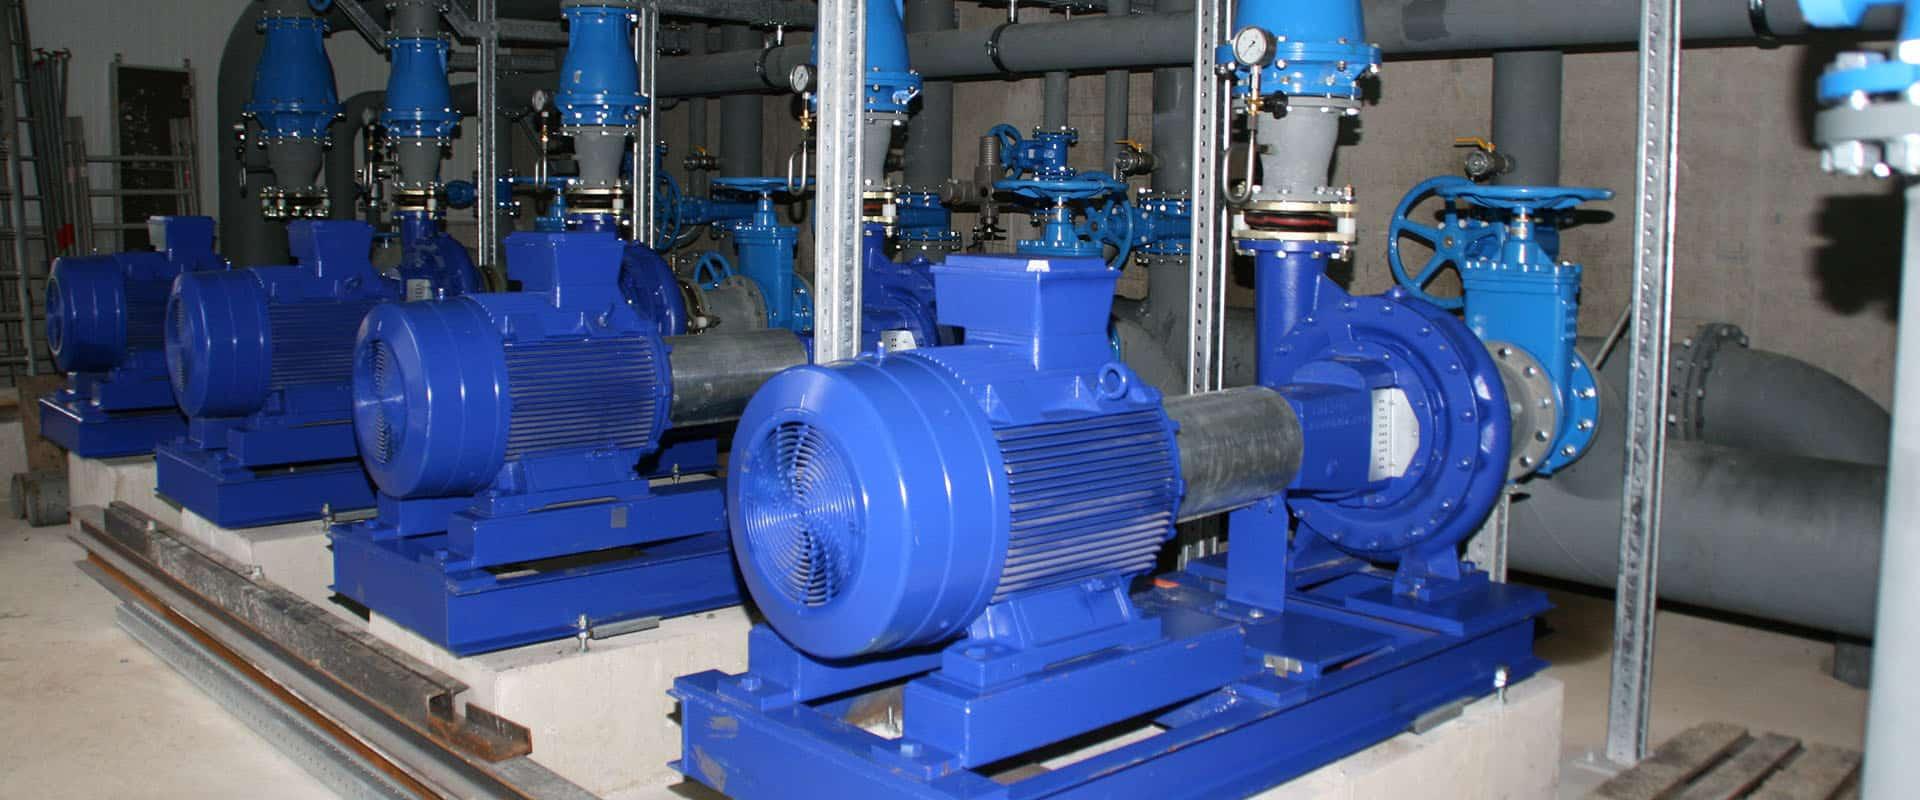 Wasser- und Rohrleitungsbau